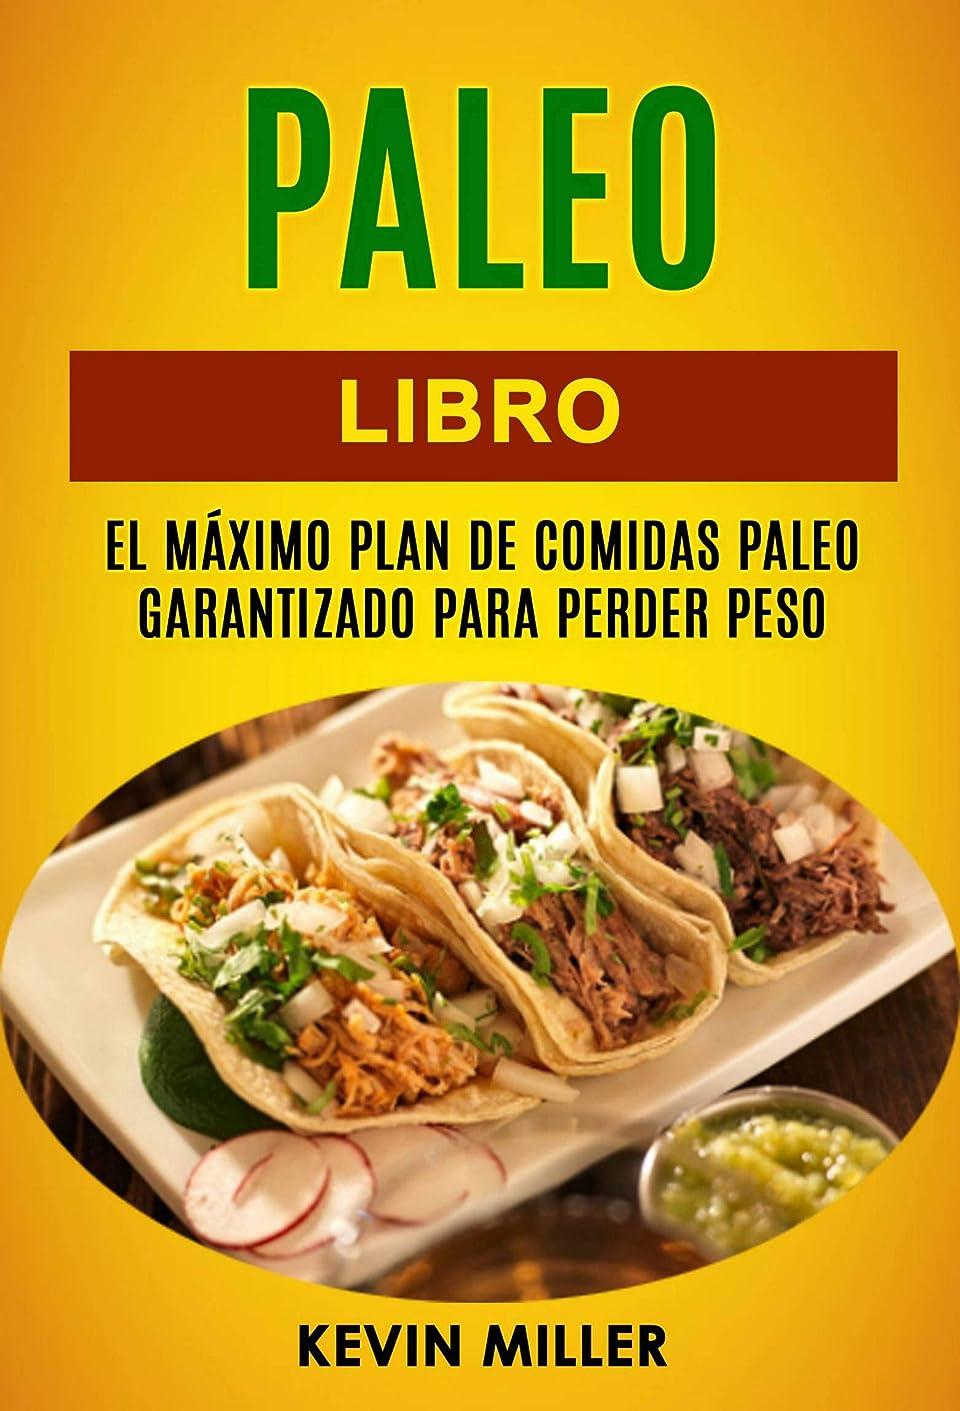 Paleo libro: El máximo plan de comidas Paleo garantizado para perder peso (Spanish Edition)